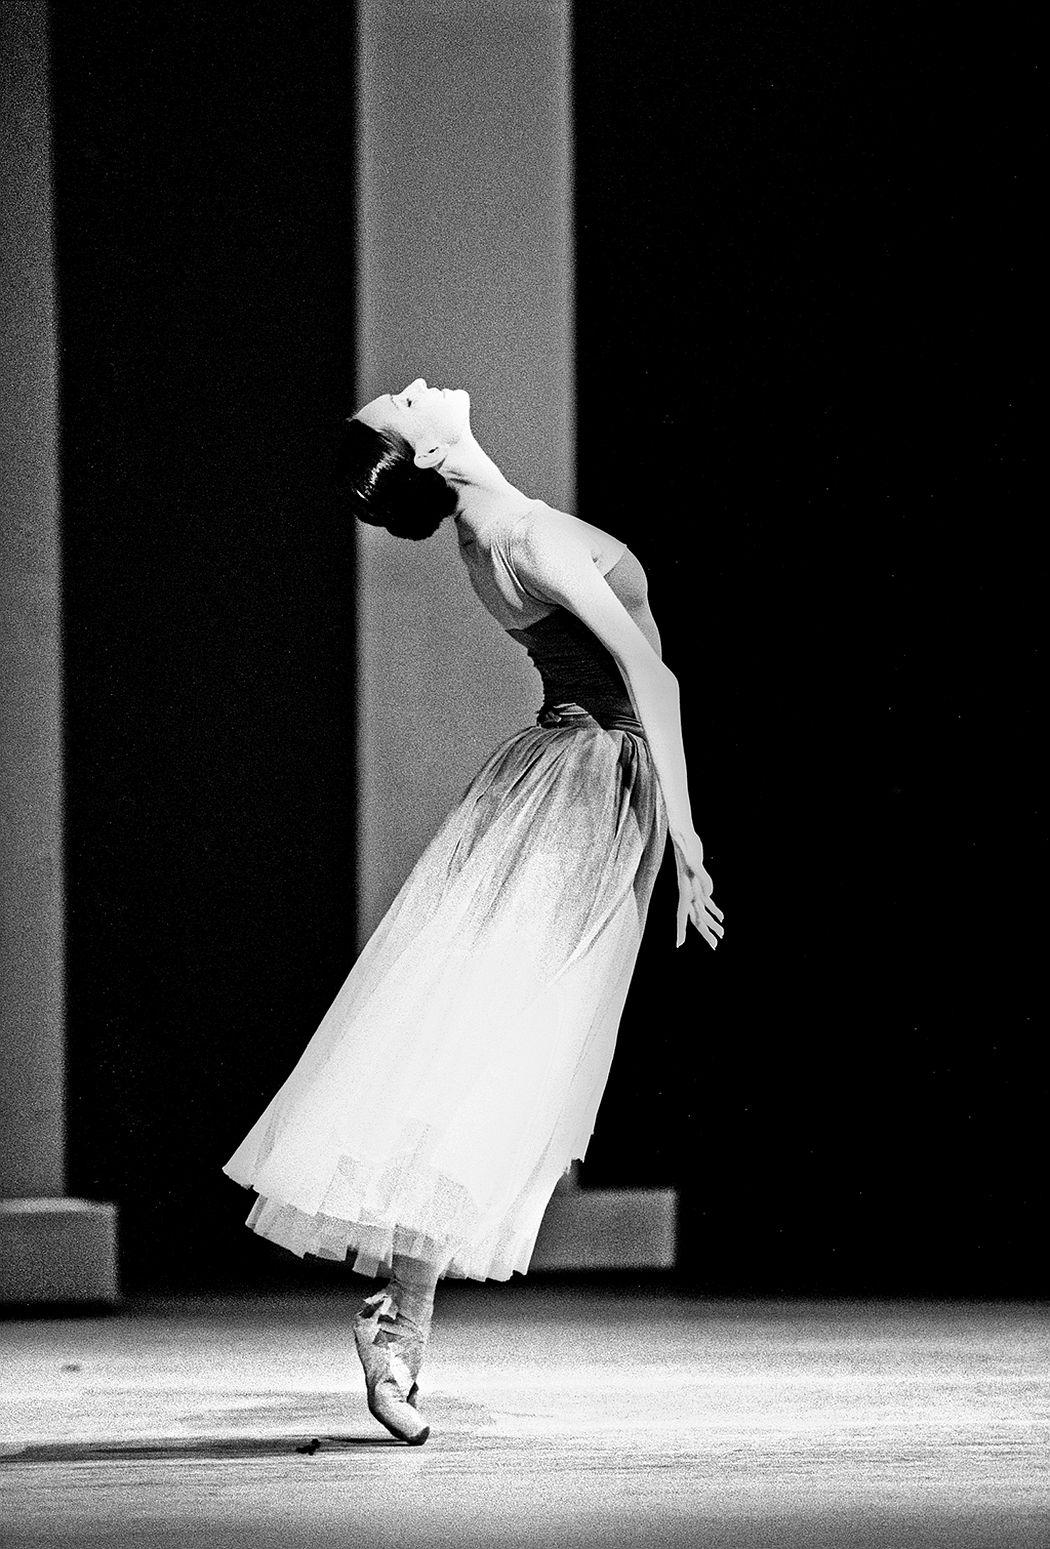 Sasha Gusov Olga Smirnova. The Taming of the Shrew. London, 2016